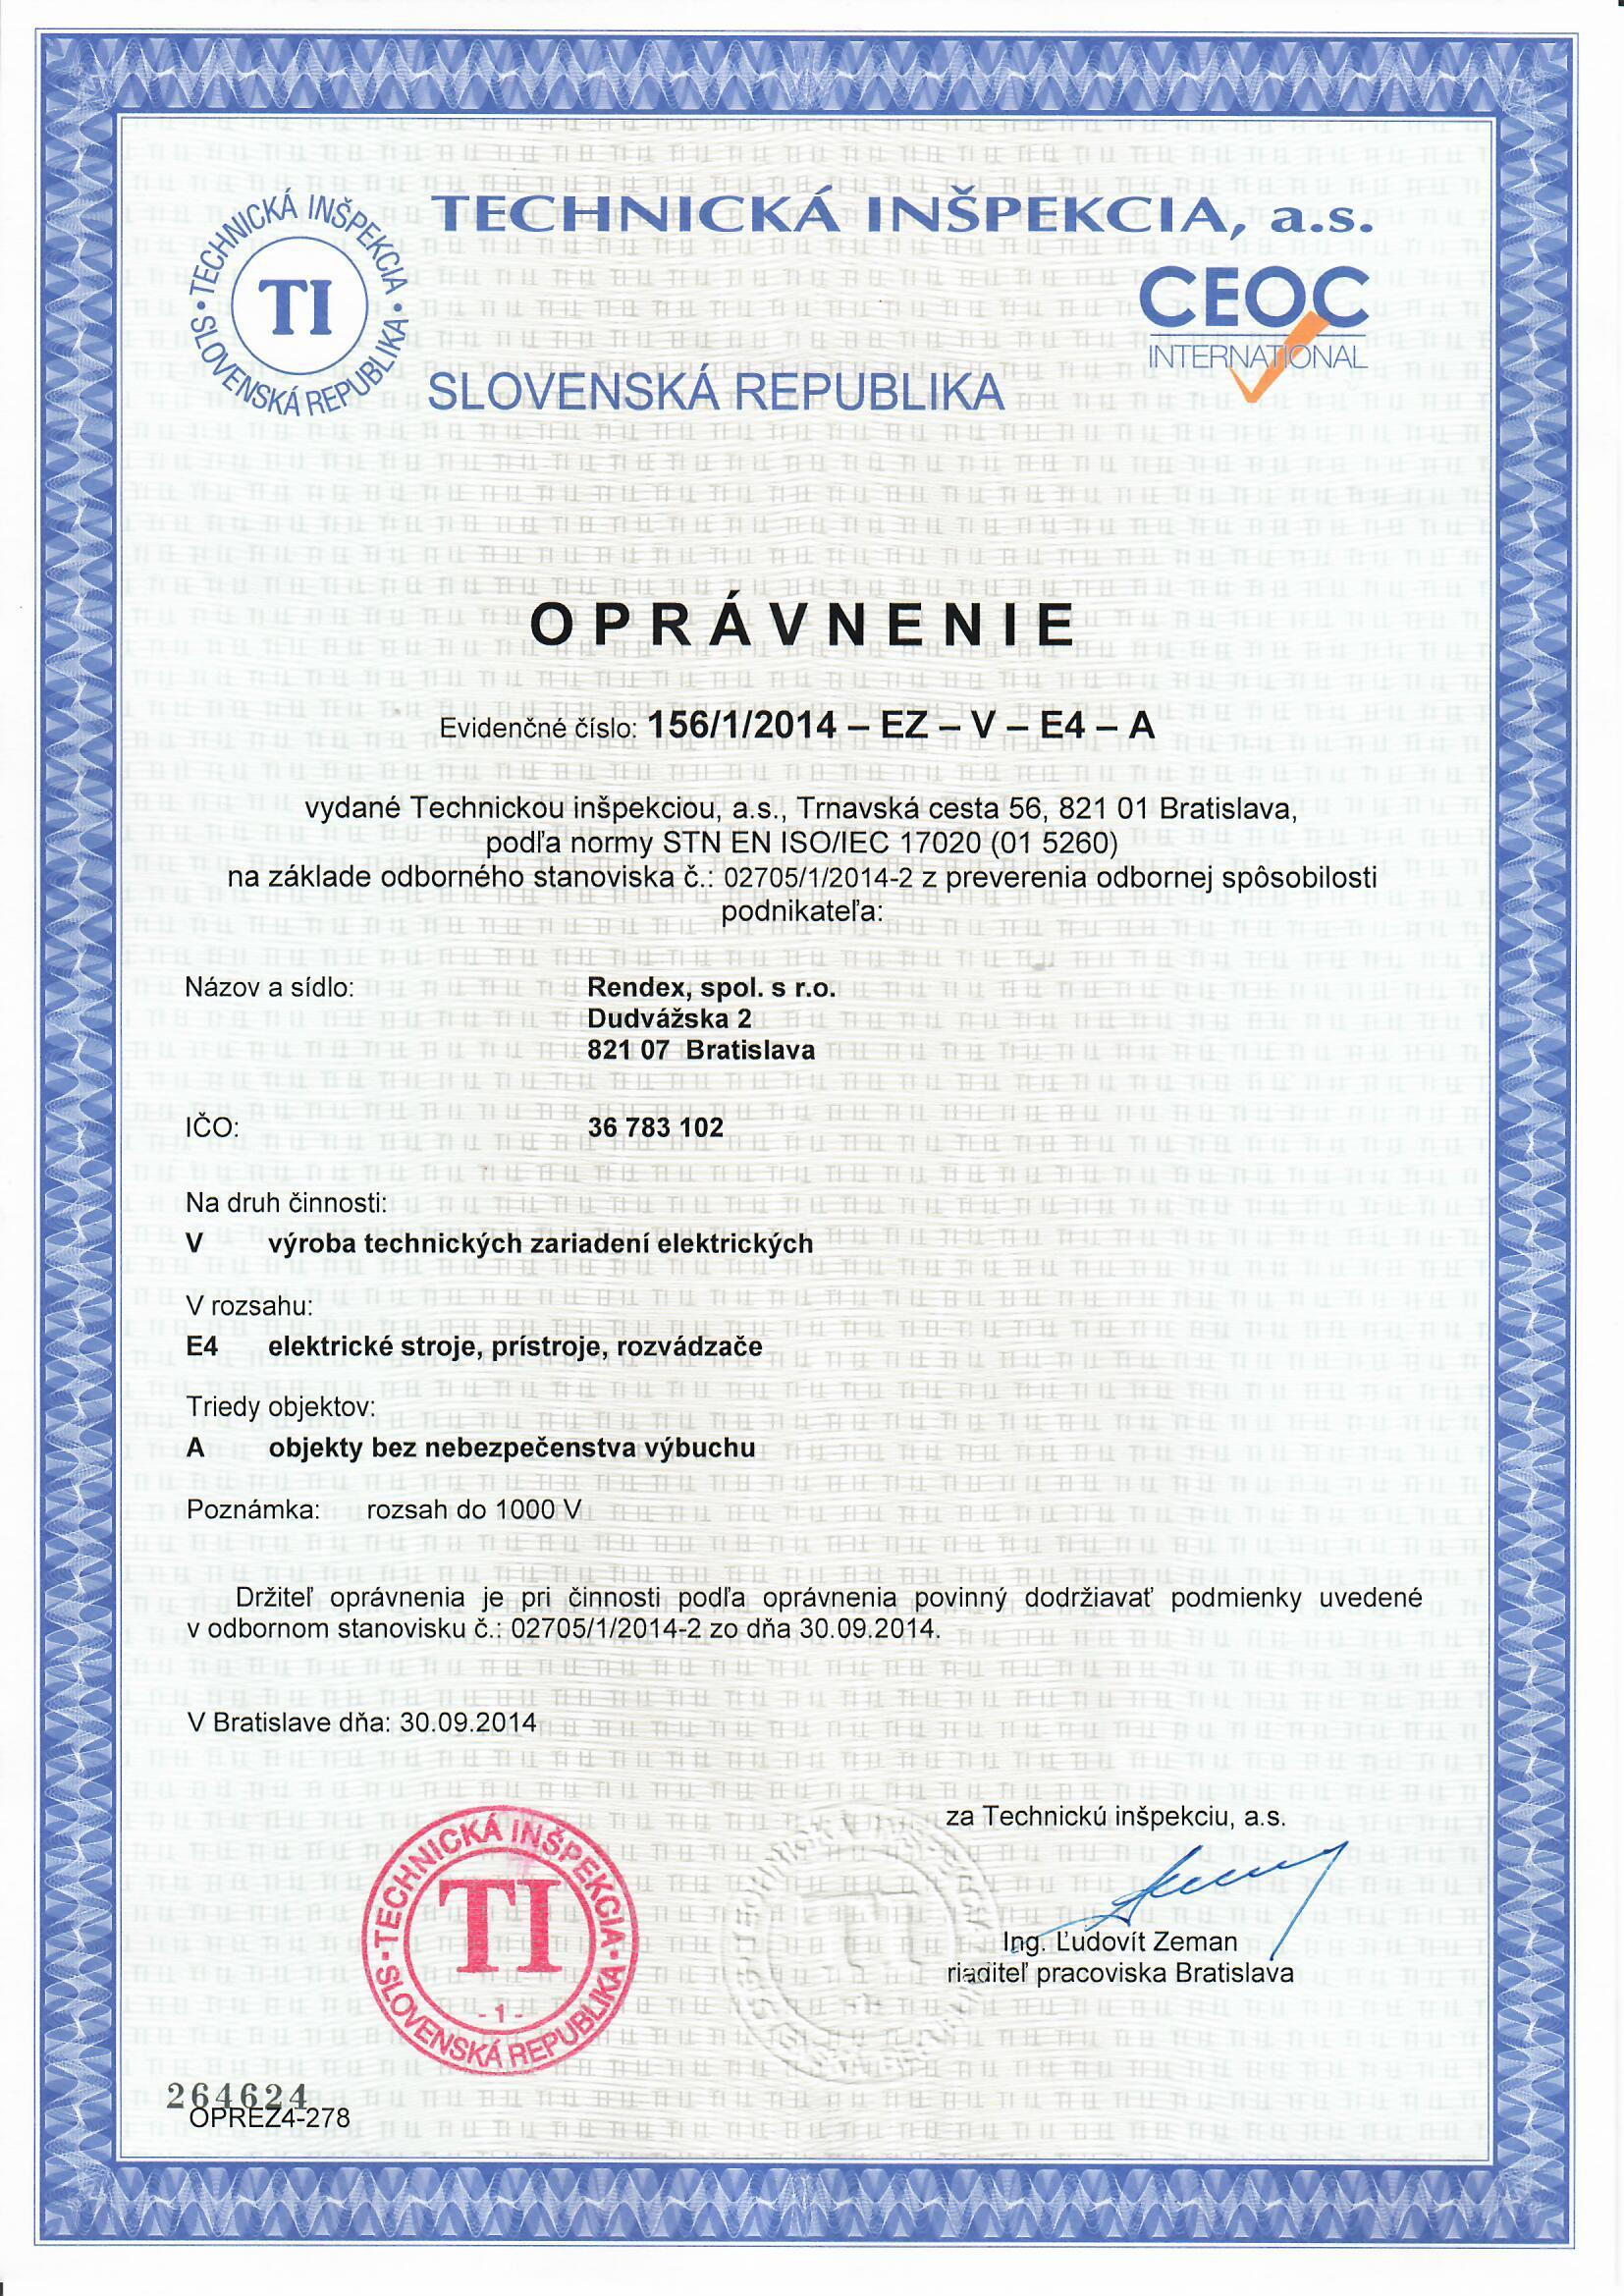 rendex.sk/opravnenie-vyroba-rozvadzacov